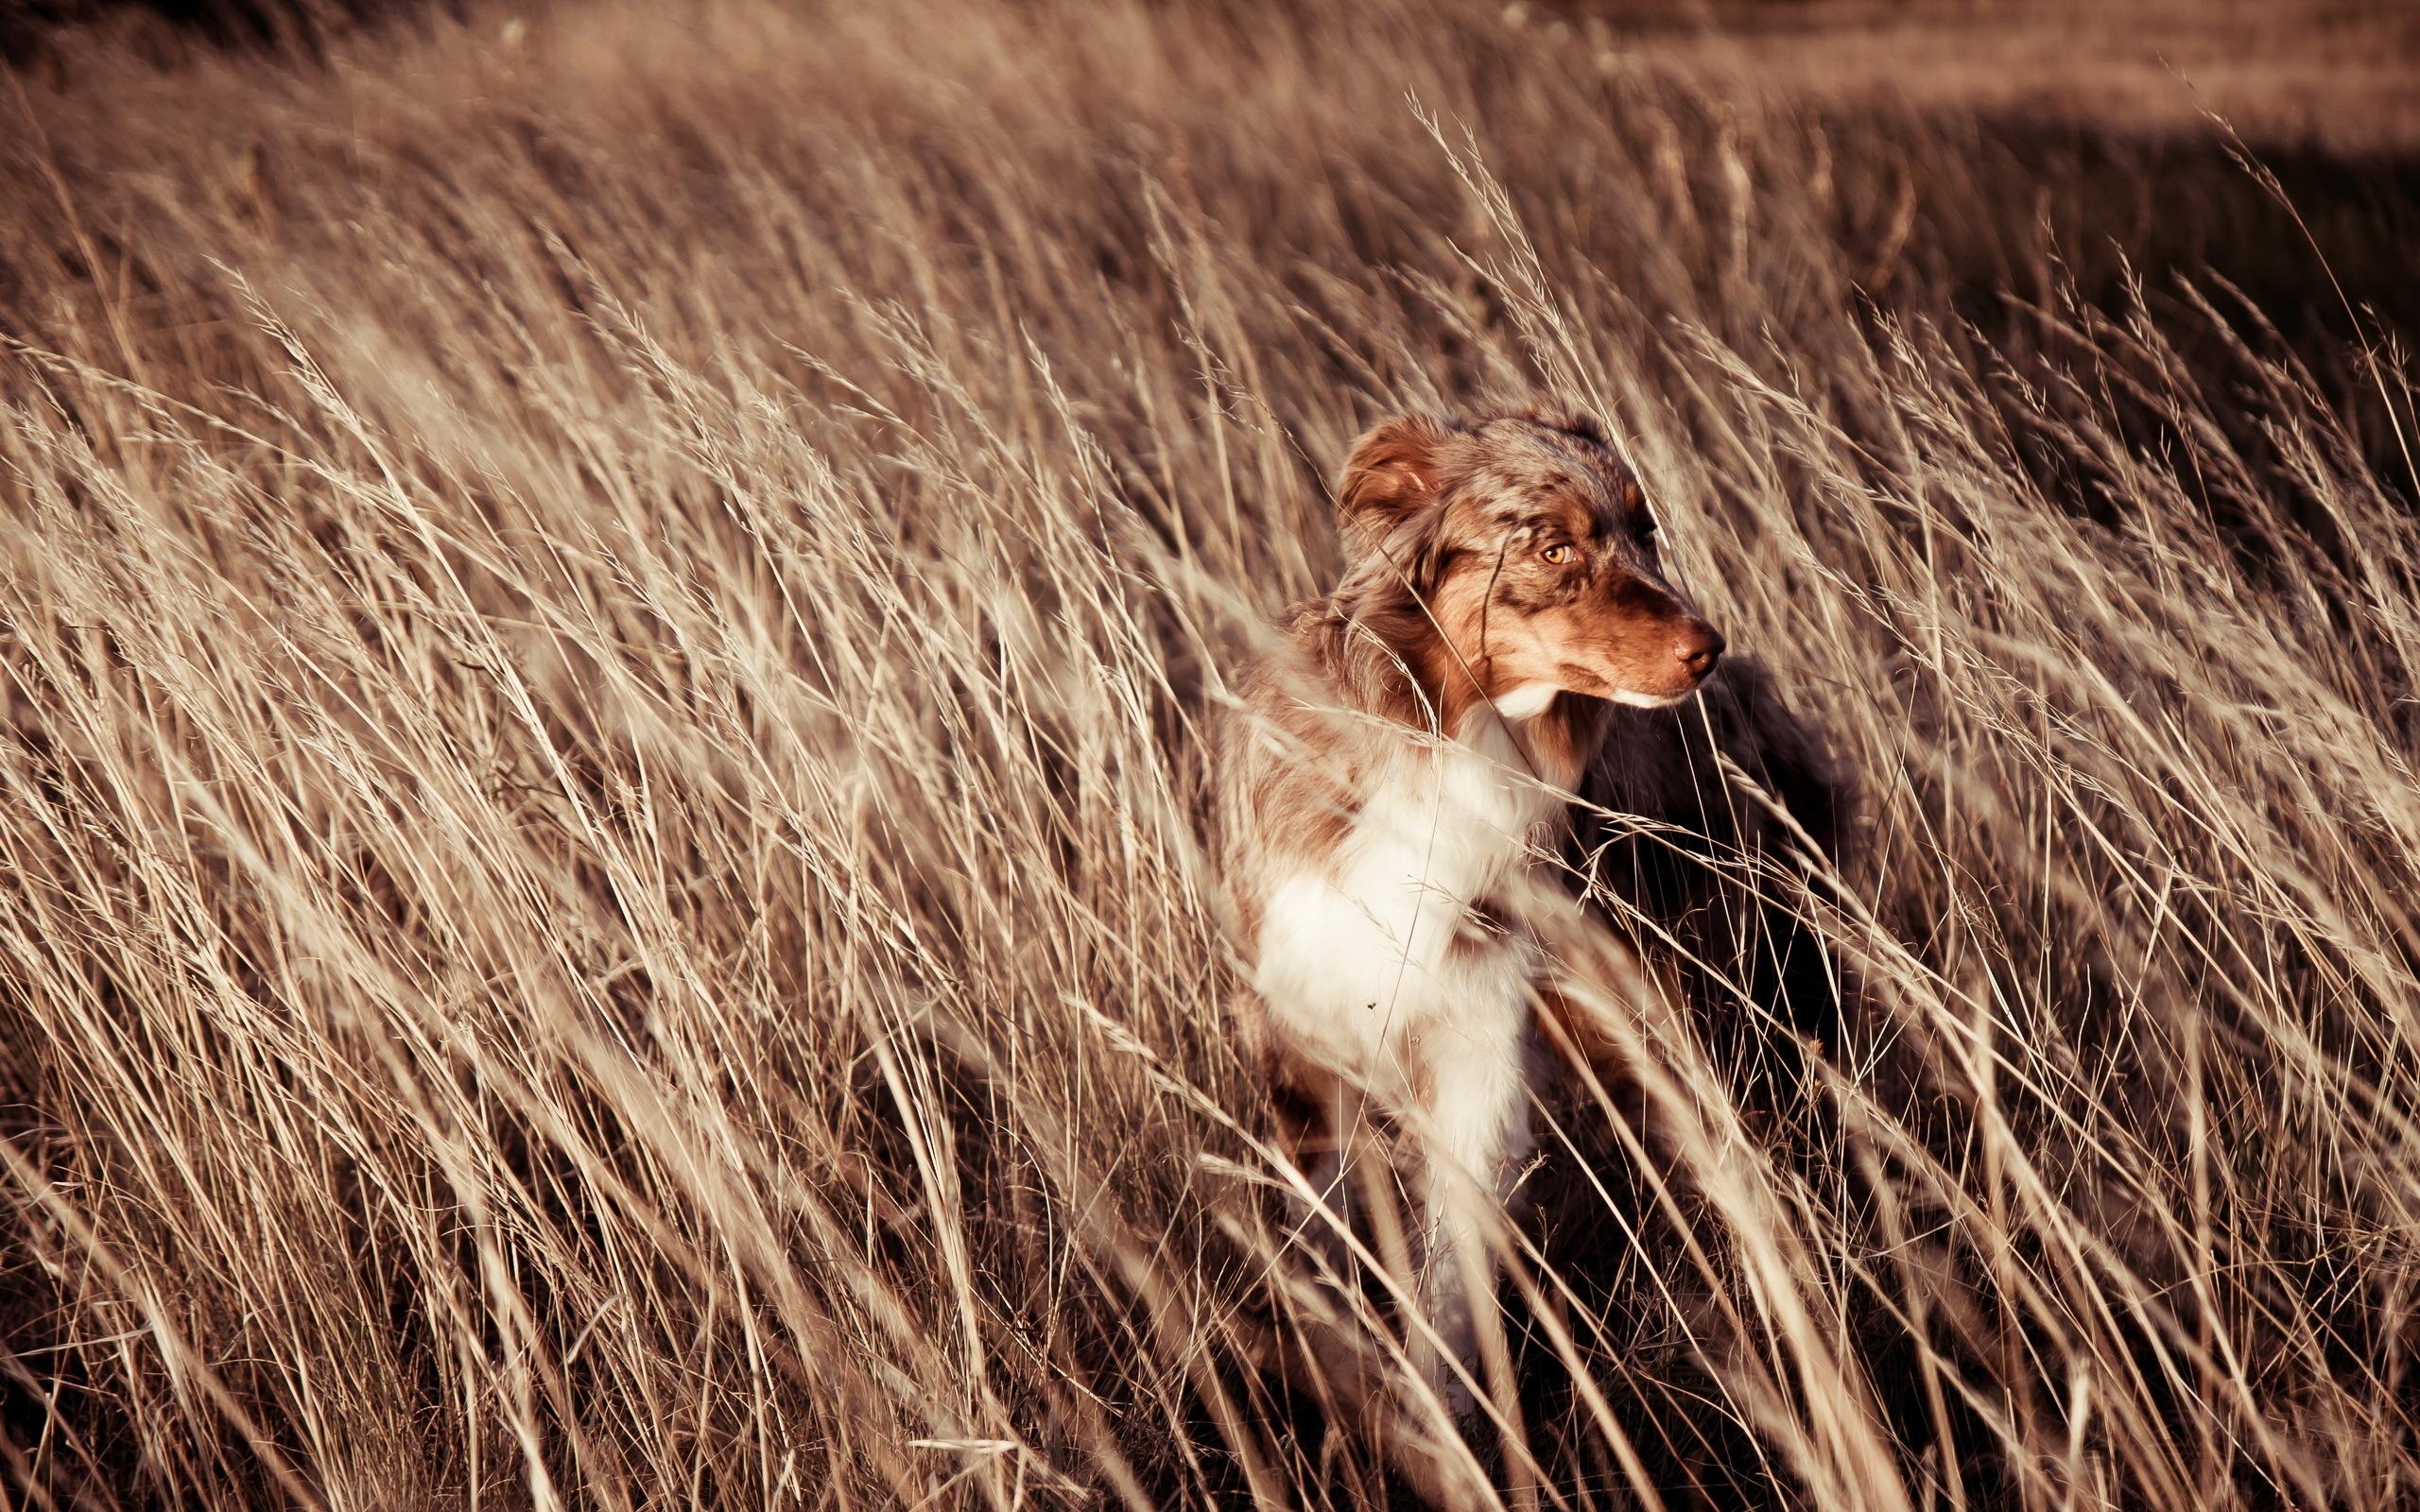 животные собака трава природа бесплатно